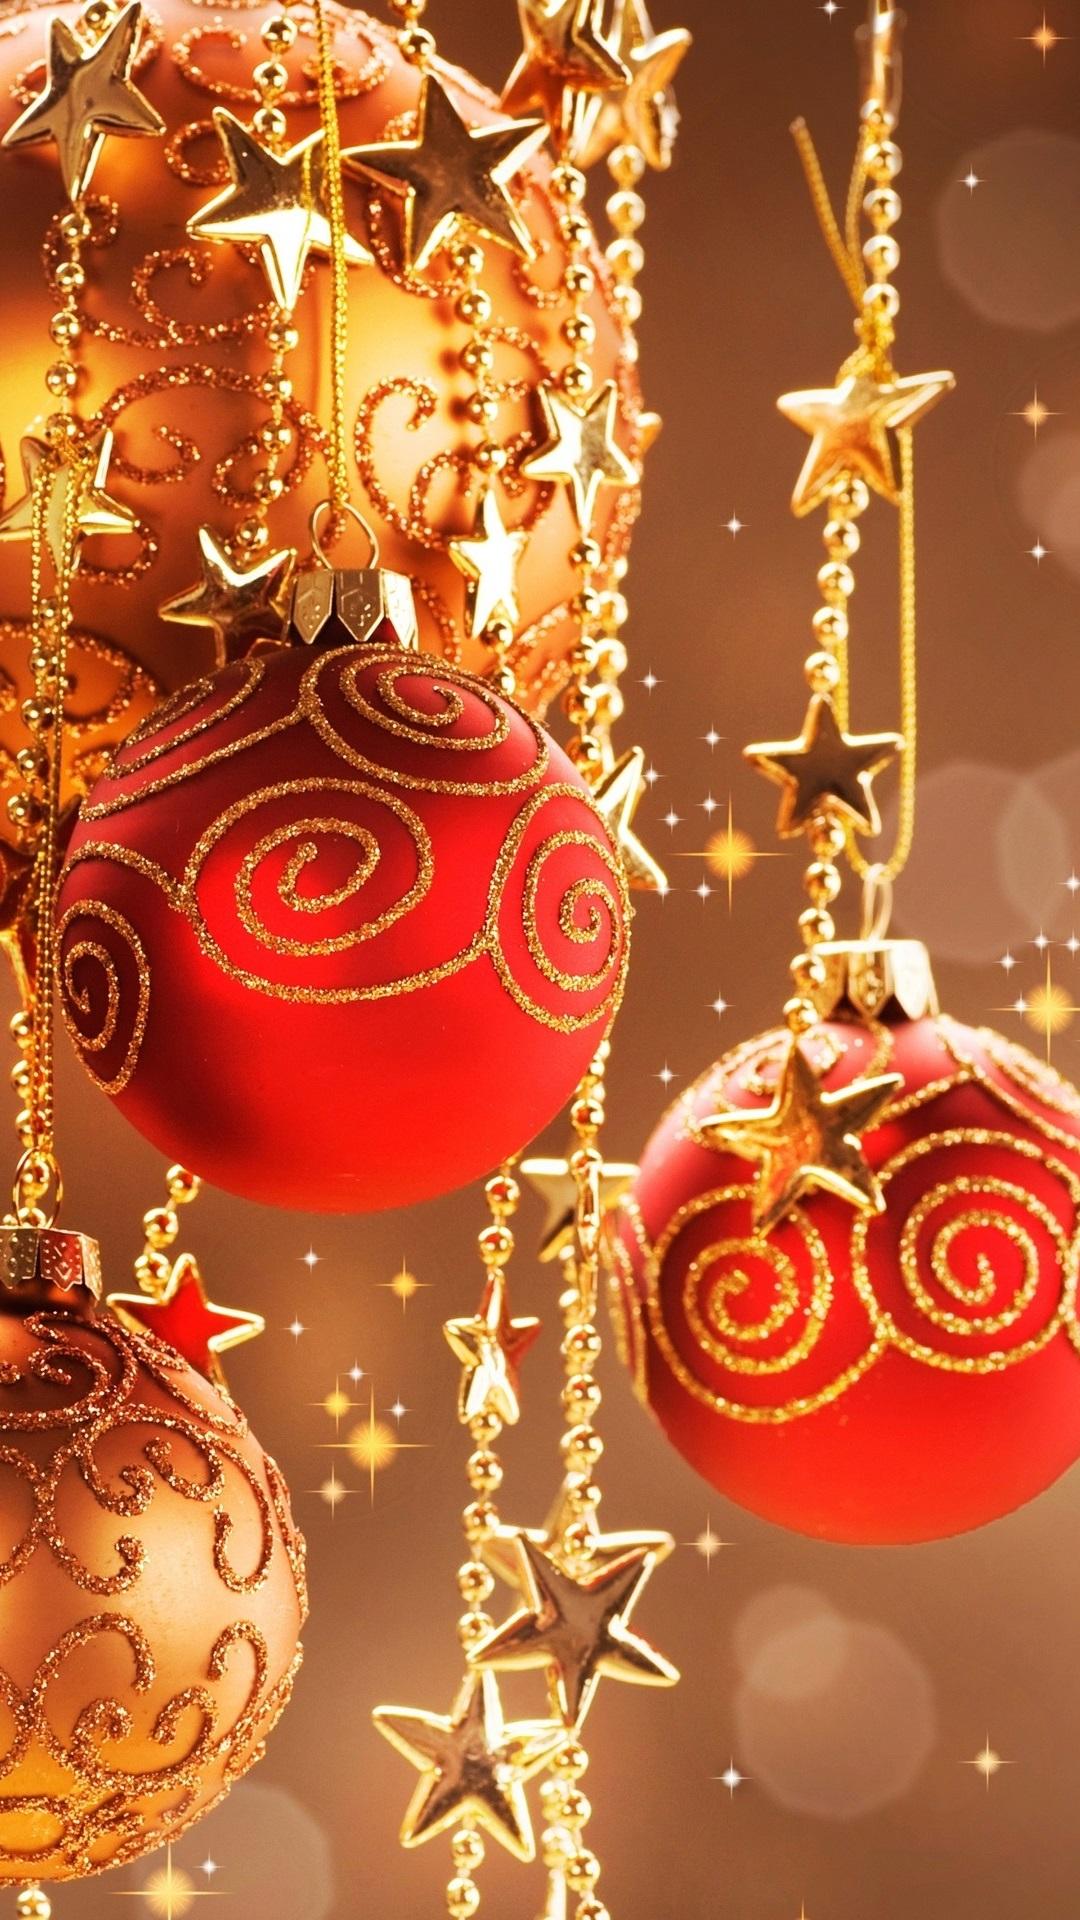 暖かいクリスマスの装飾 装飾的な赤いボール 1080x1920 Iphone 8 7 6